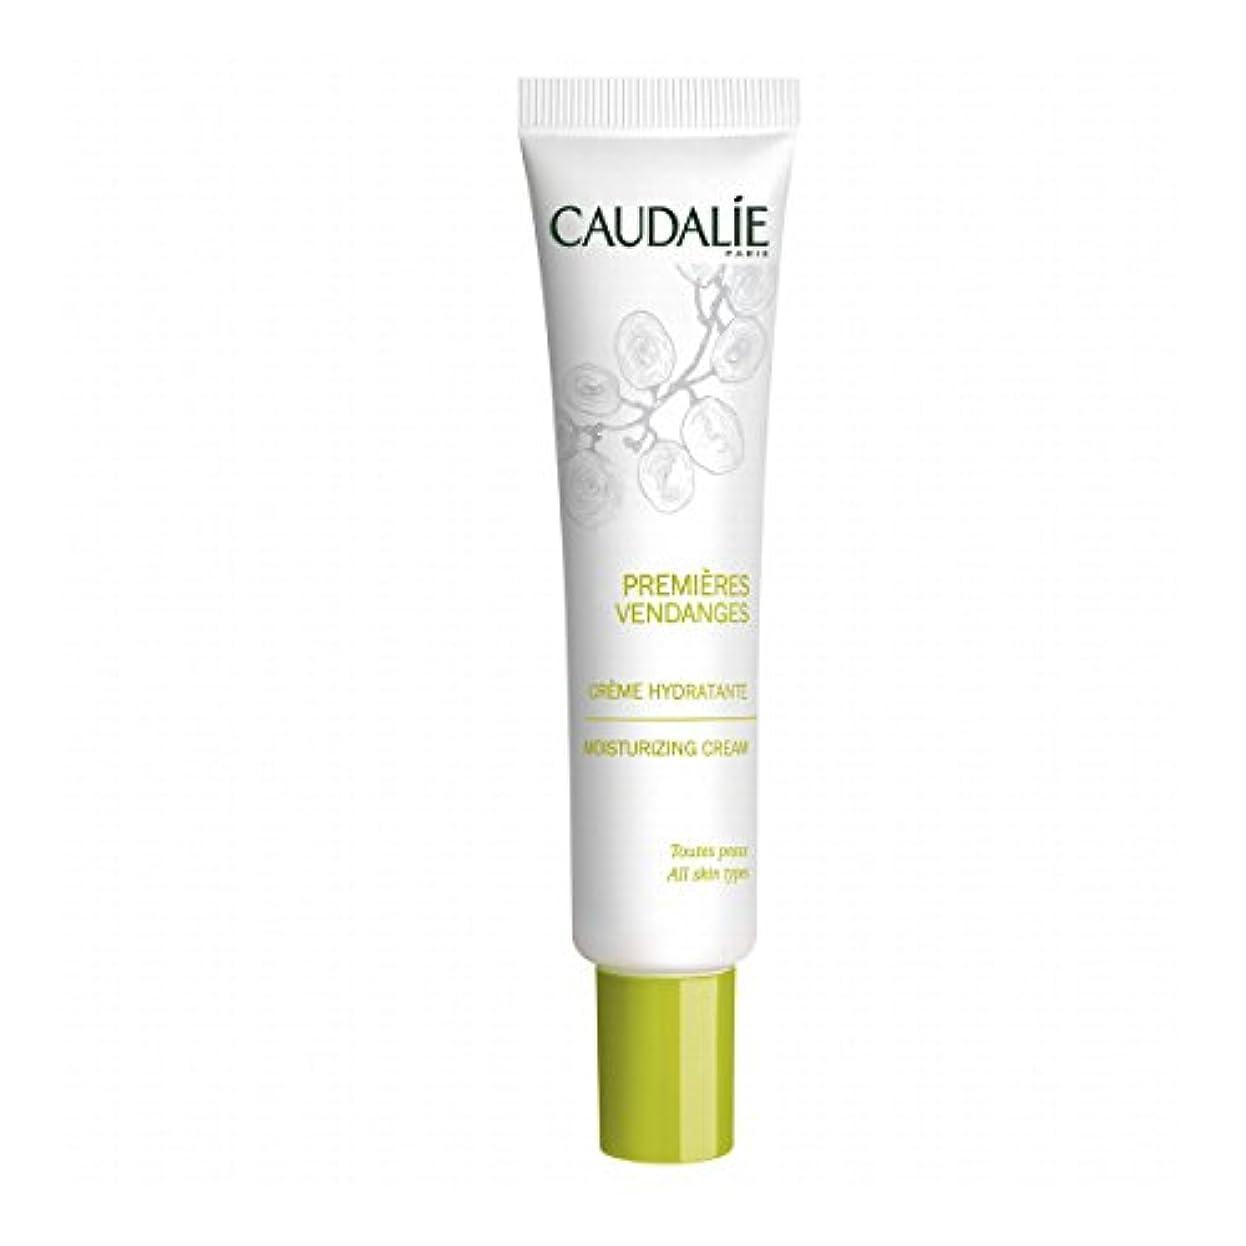 厳しい娯楽球状Caudalie Premieres Vendanges Moisturizing Cream 40ml [並行輸入品]